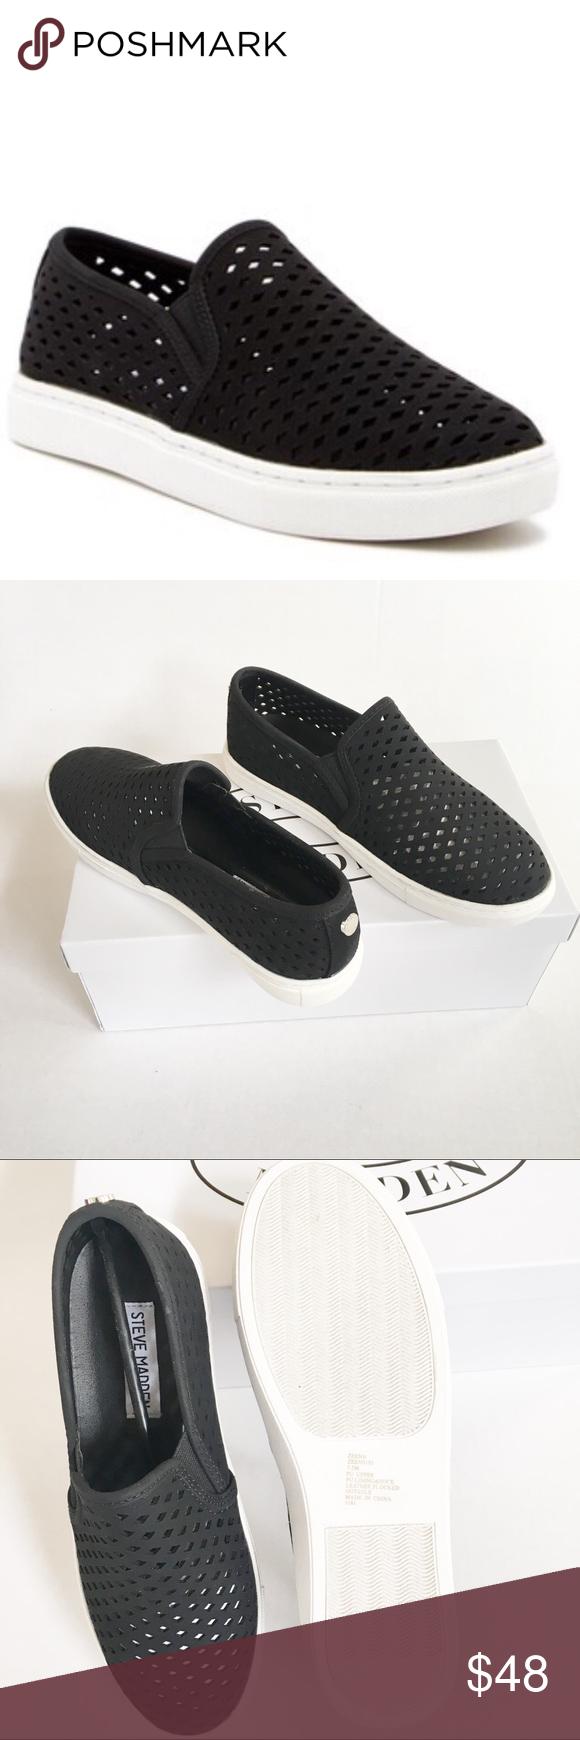 c3c82fdcd56 NEW Steve Madden black Zeena slip on sneaker 7.5 New comes with box. Steve  Madden Black Zeena slip on sneaker. M standard width. Round toe.